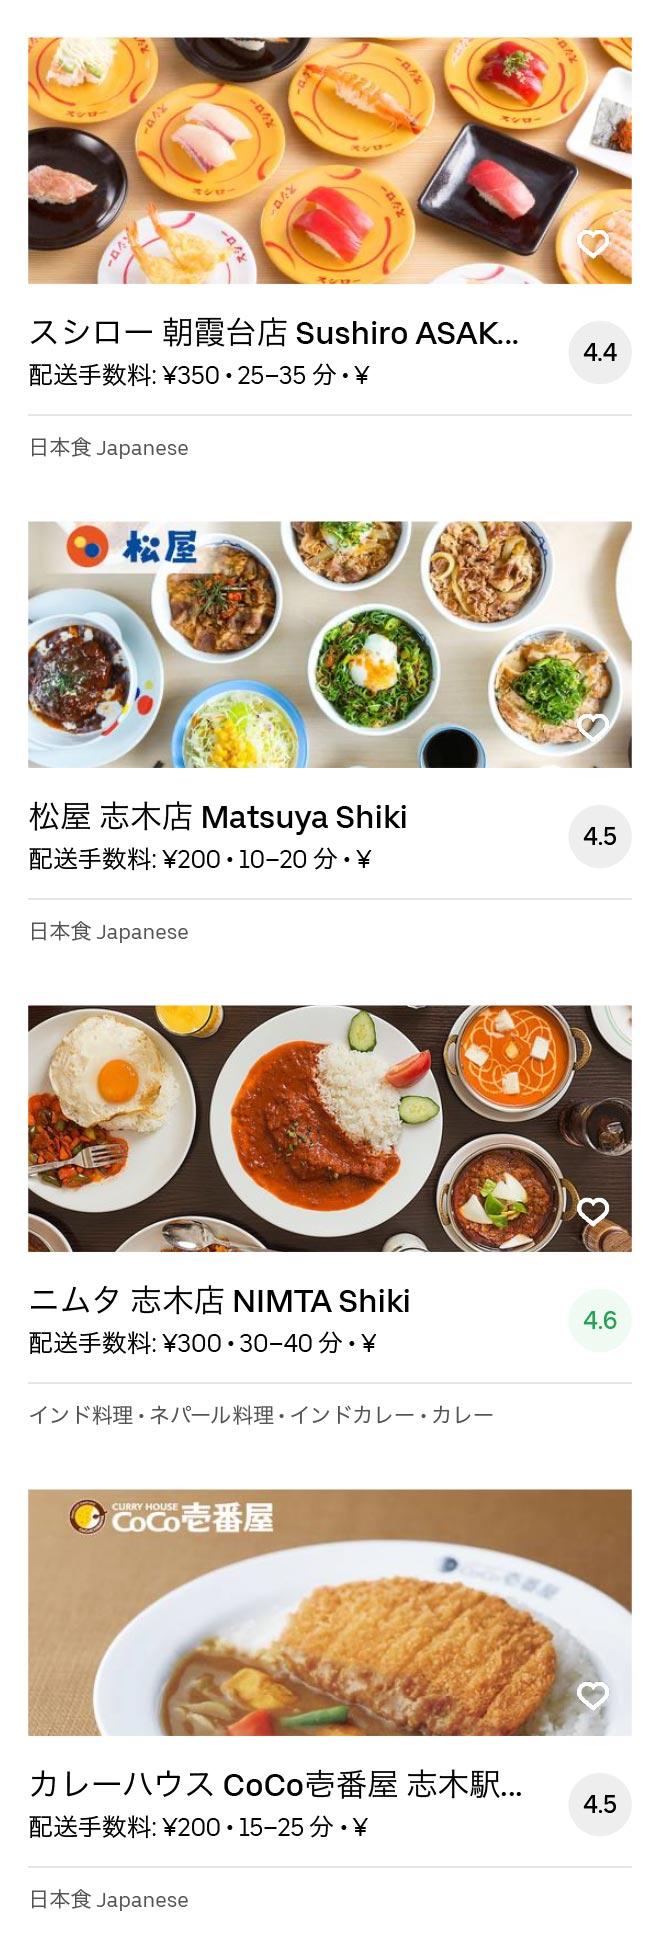 Shiki yanasegawa menu 2004 02